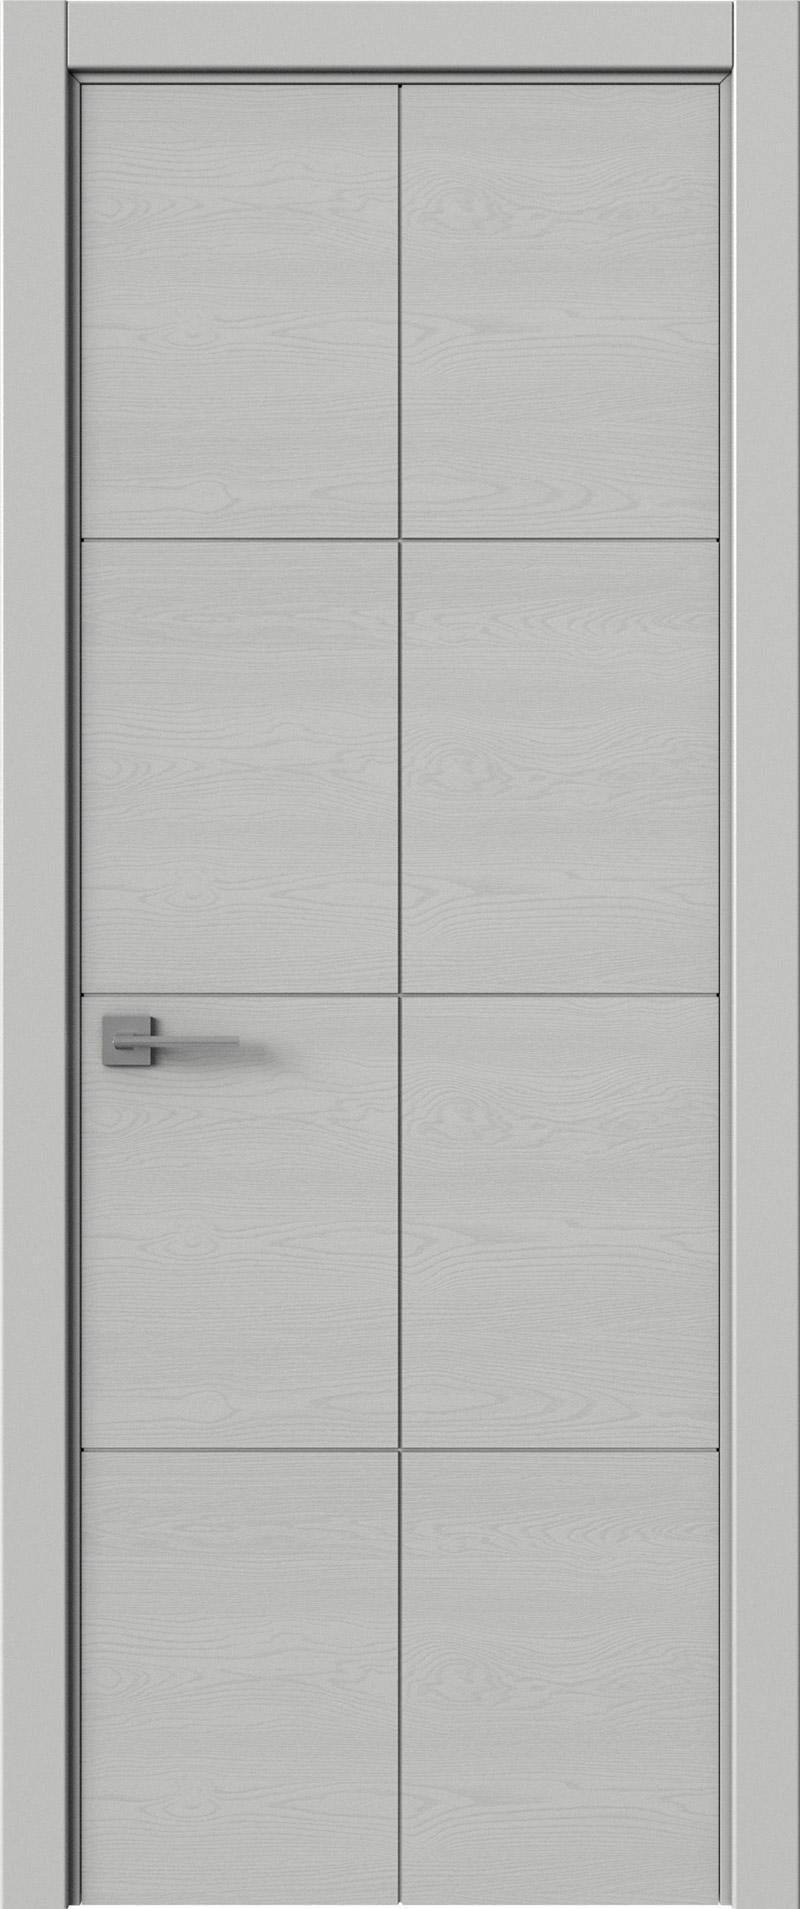 Tivoli Л-2 цвет - Серая эмаль по шпону (RAL 7047) Без стекла (ДГ)